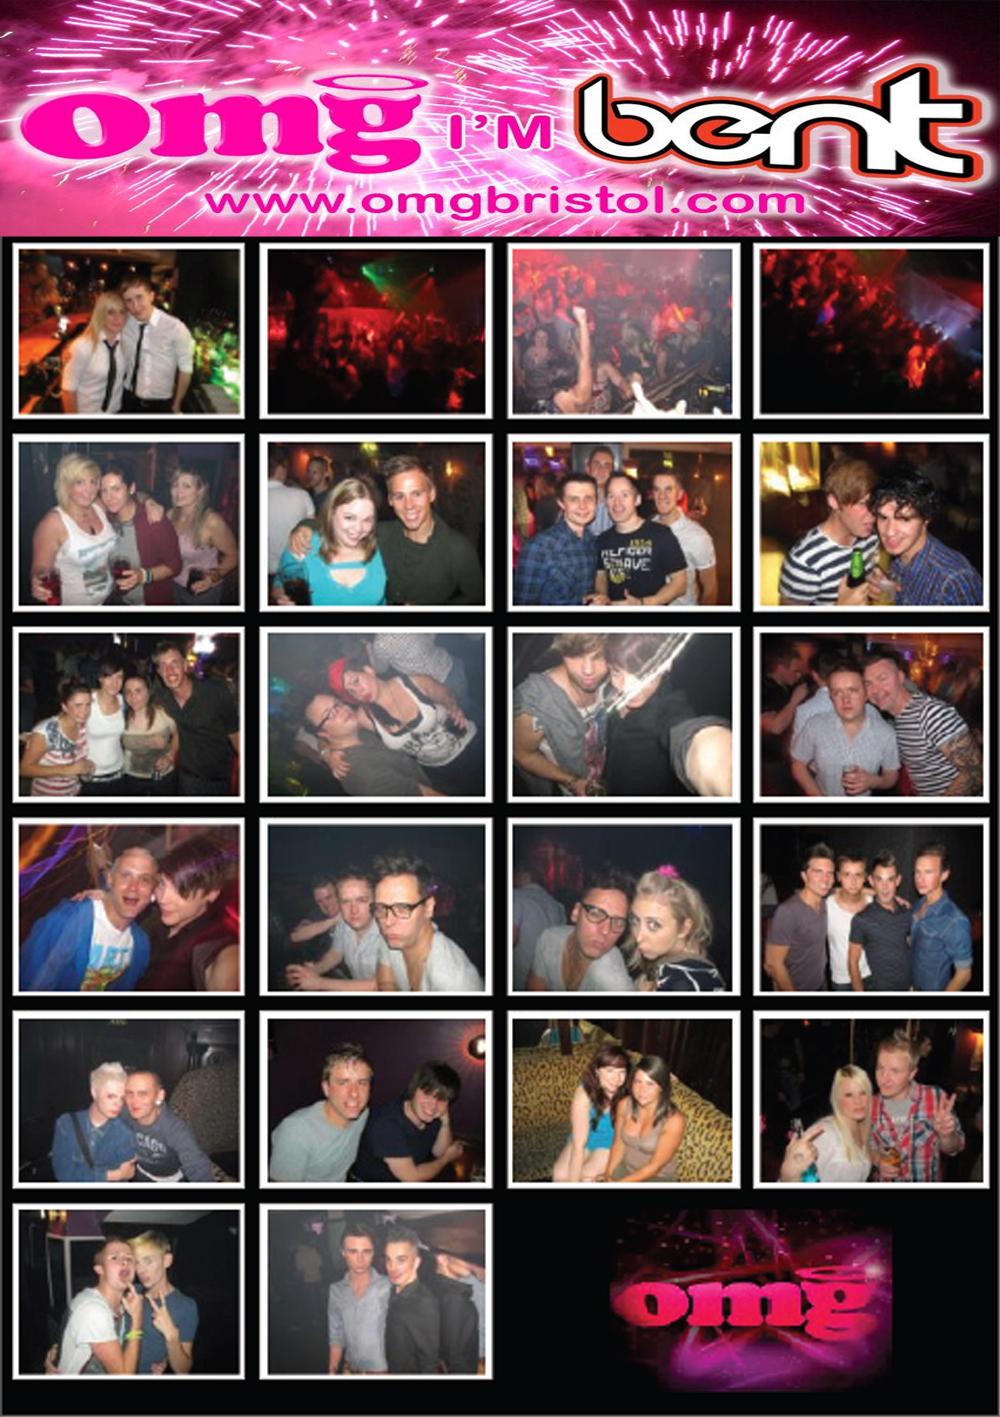 OMG Club Bristol